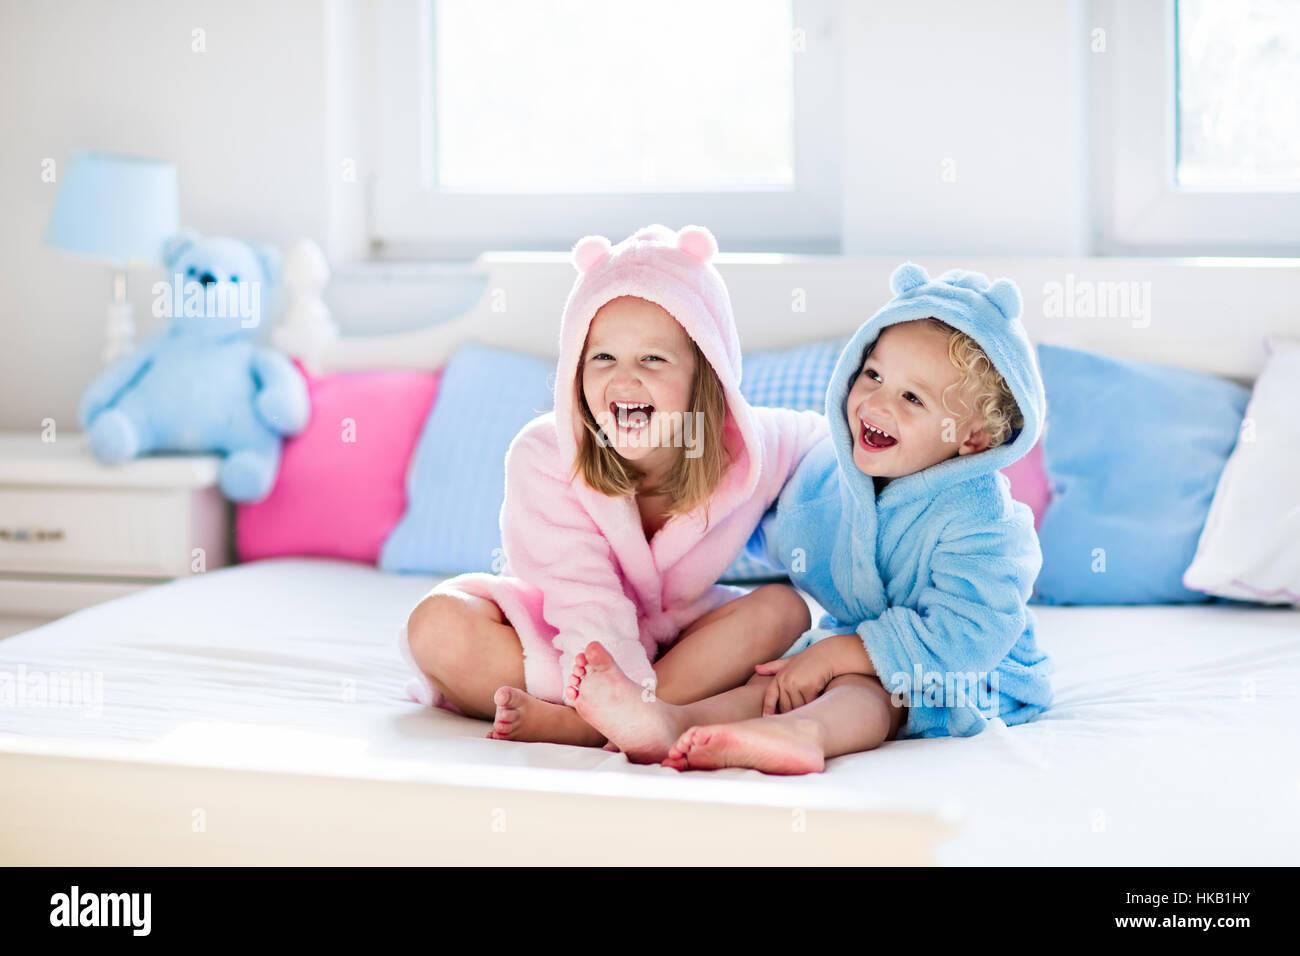 Bagno Con Un Ragazzo : Felice di ridere i bambini un ragazzo e una ragazza in morbido